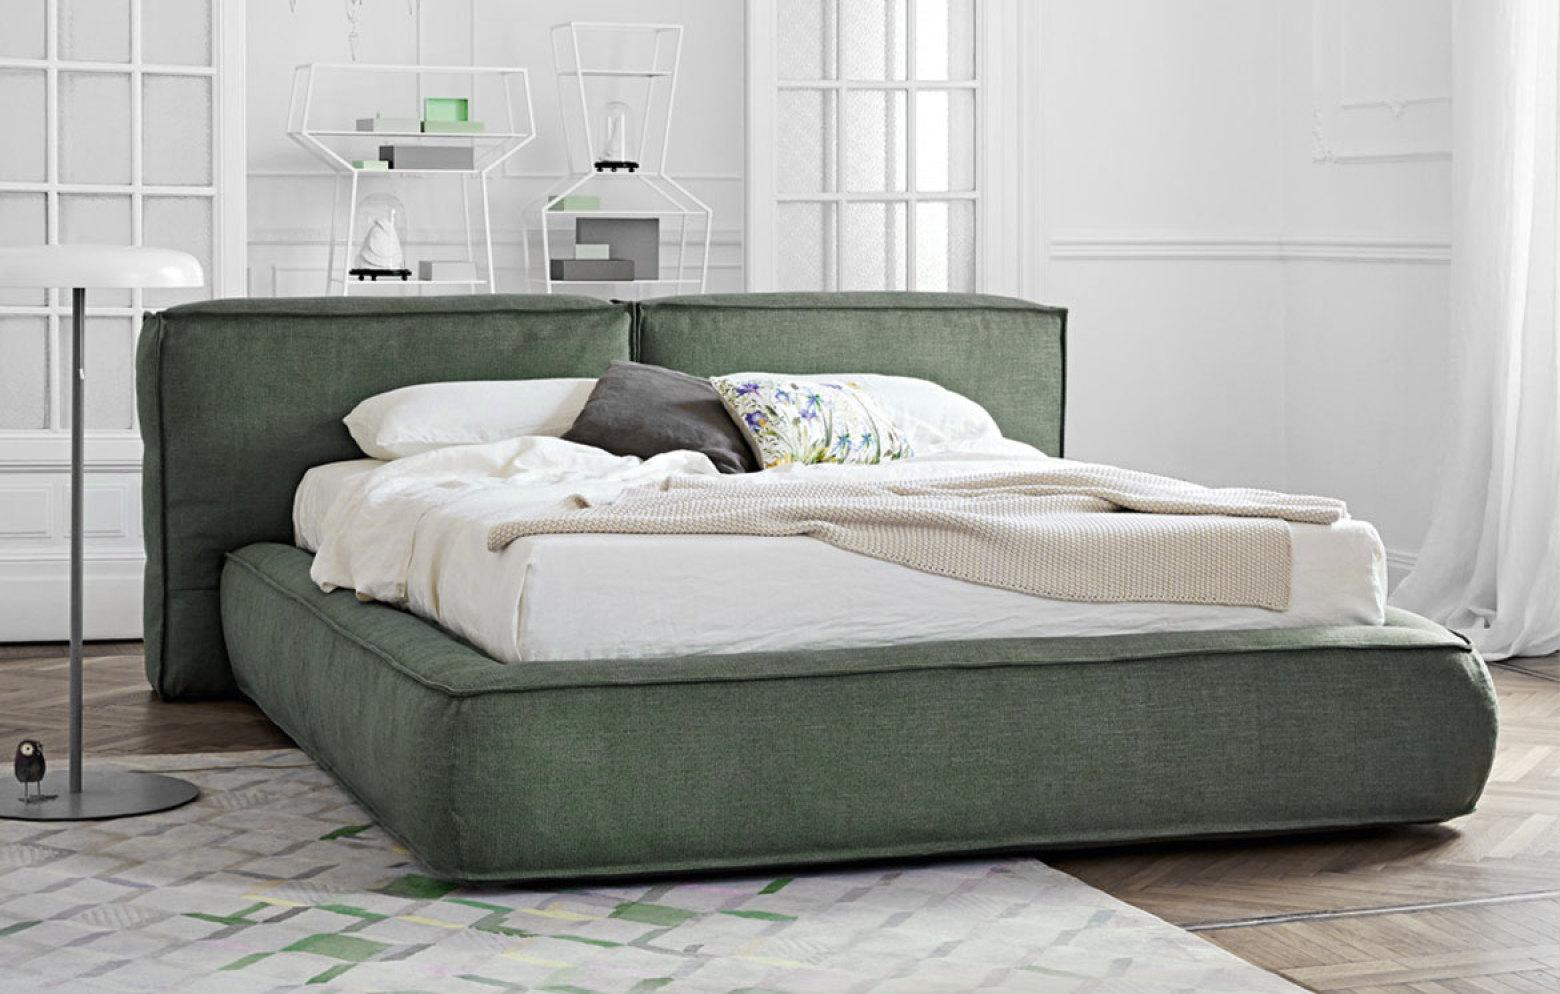 Full Size of Betten Mannheim Fluff Bett Schrnke Whos Perfect 100x200 Hasena Für übergewichtige Jensen 90x200 Kaufen 140x200 180x200 Billige Teenager Günstig Jabo Bett Betten Mannheim